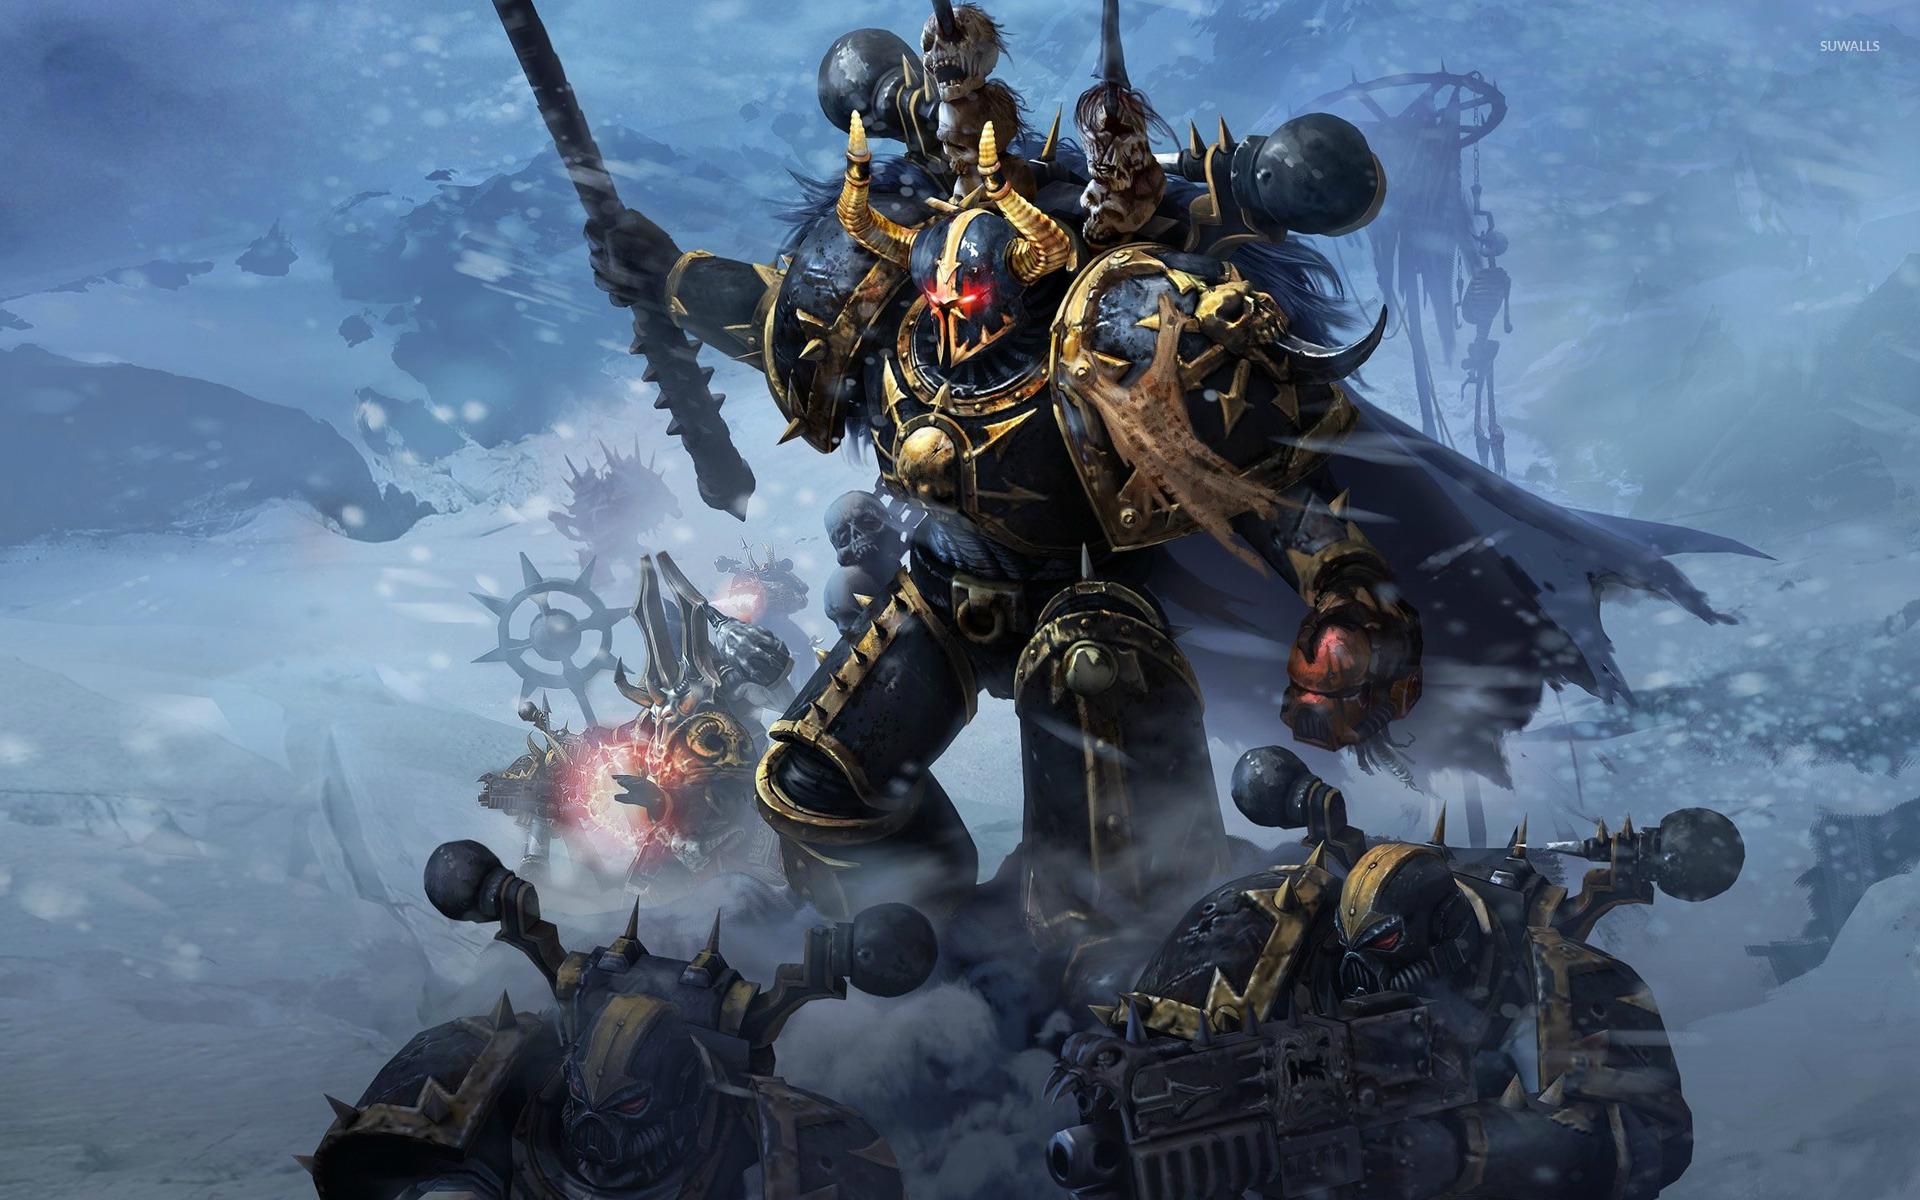 Warhammer 40k Space Marine Wallpaper Warhammer 40000 space marine 1366x768